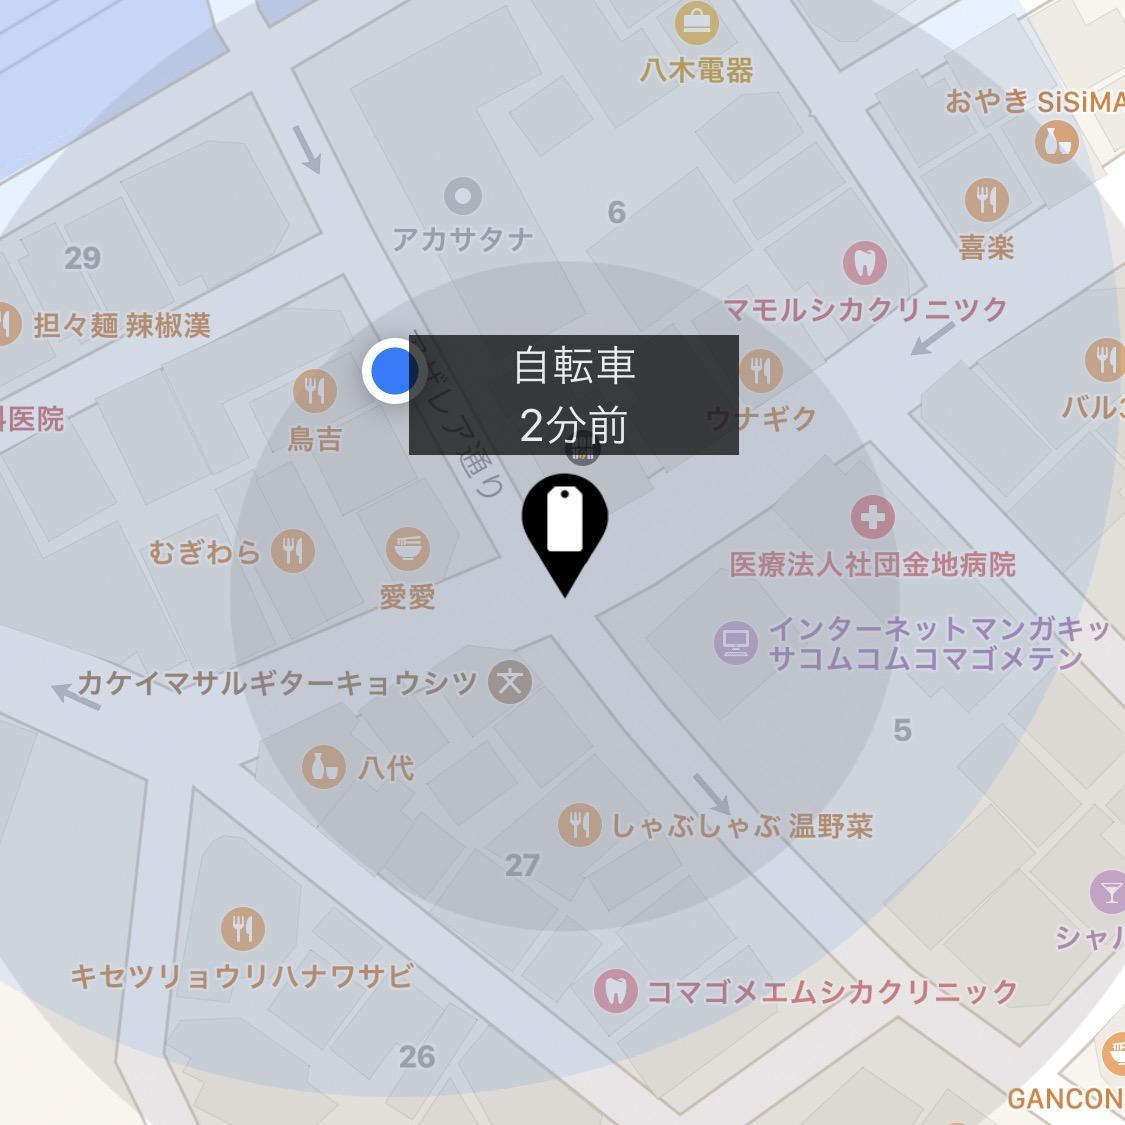 ▲MamorioアプリでMamorioの位置を確認できる